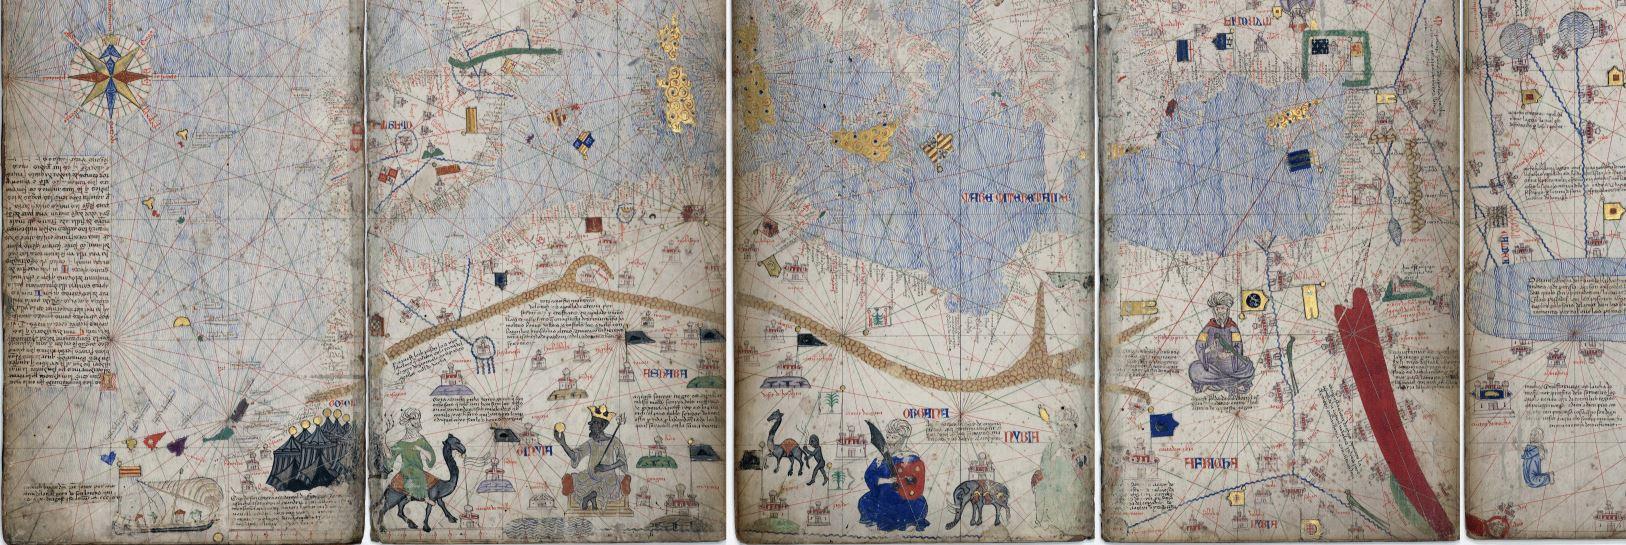 catalan atlas.JPG